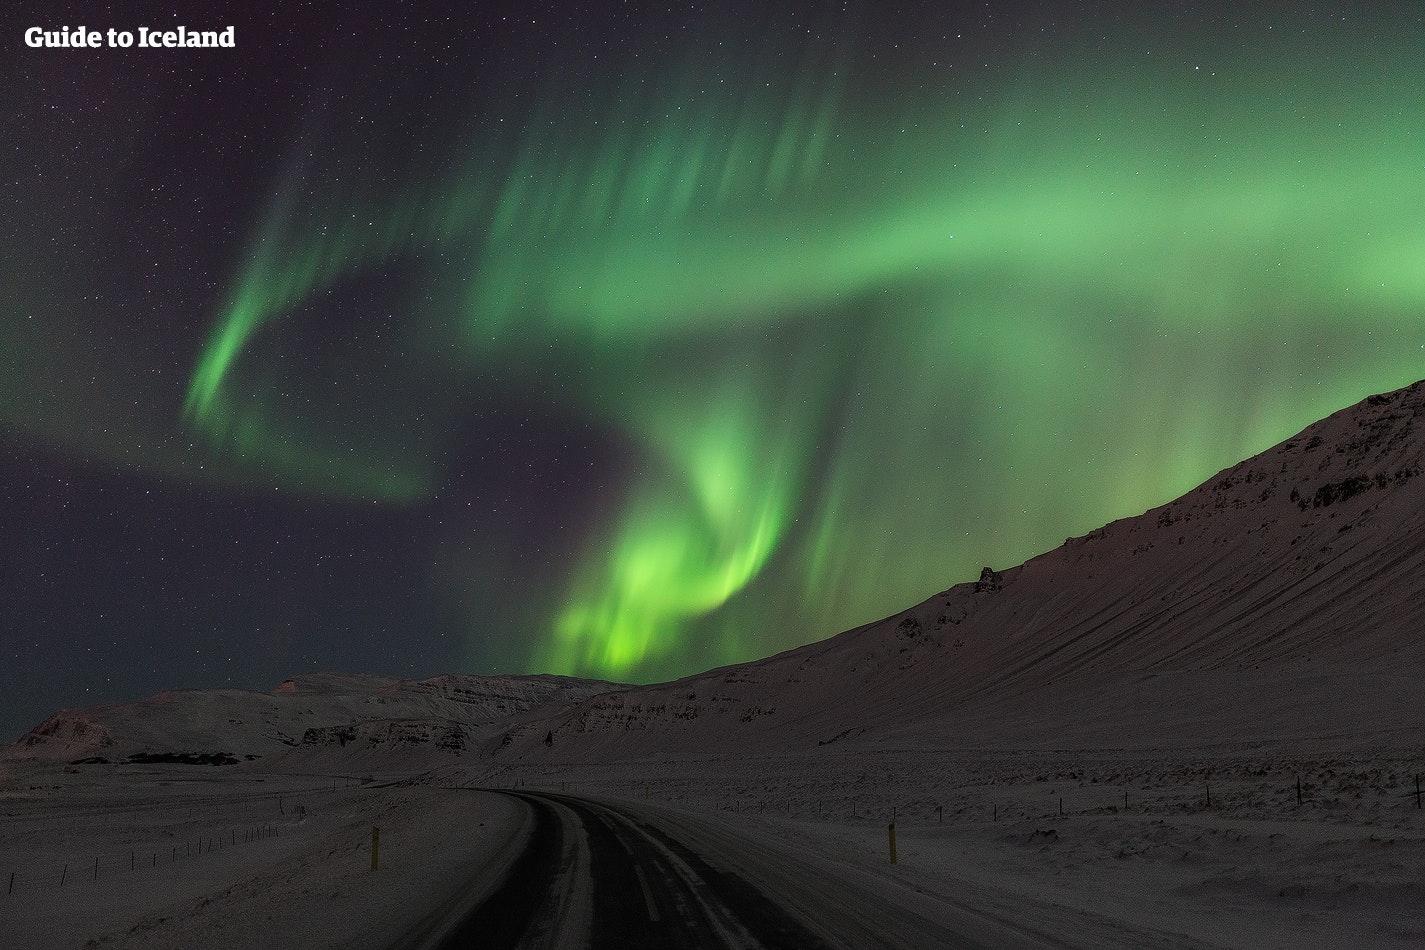 Het noorderlicht beloont diegenen die ernaar zoeken, en een autorondreis biedt eindeloze mogelijkheden voor bezoekers om erop te jagen.